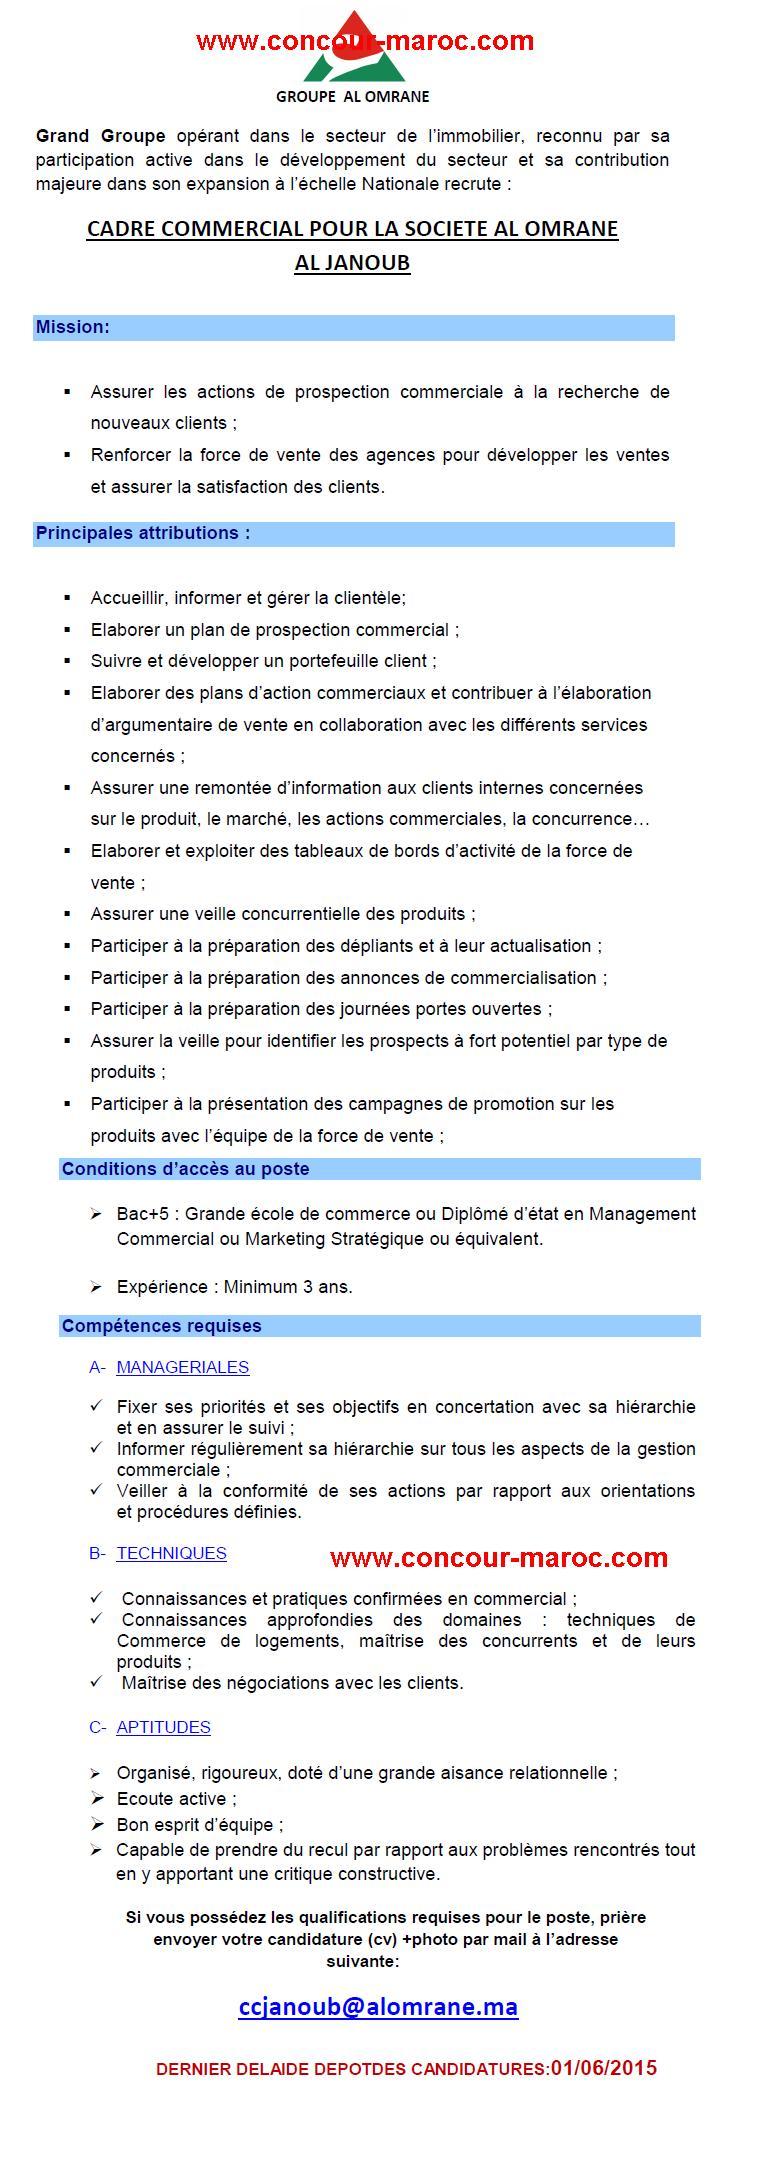 مجموعة التهيئة العمران : مباراة لتوظيف مهندس دولة الجنوب (1 منصب) و اطار تجاري الجنوب (1 منصب) آخر أجل لإيداع الترشيحات 1 يونيو 2015 Conco159